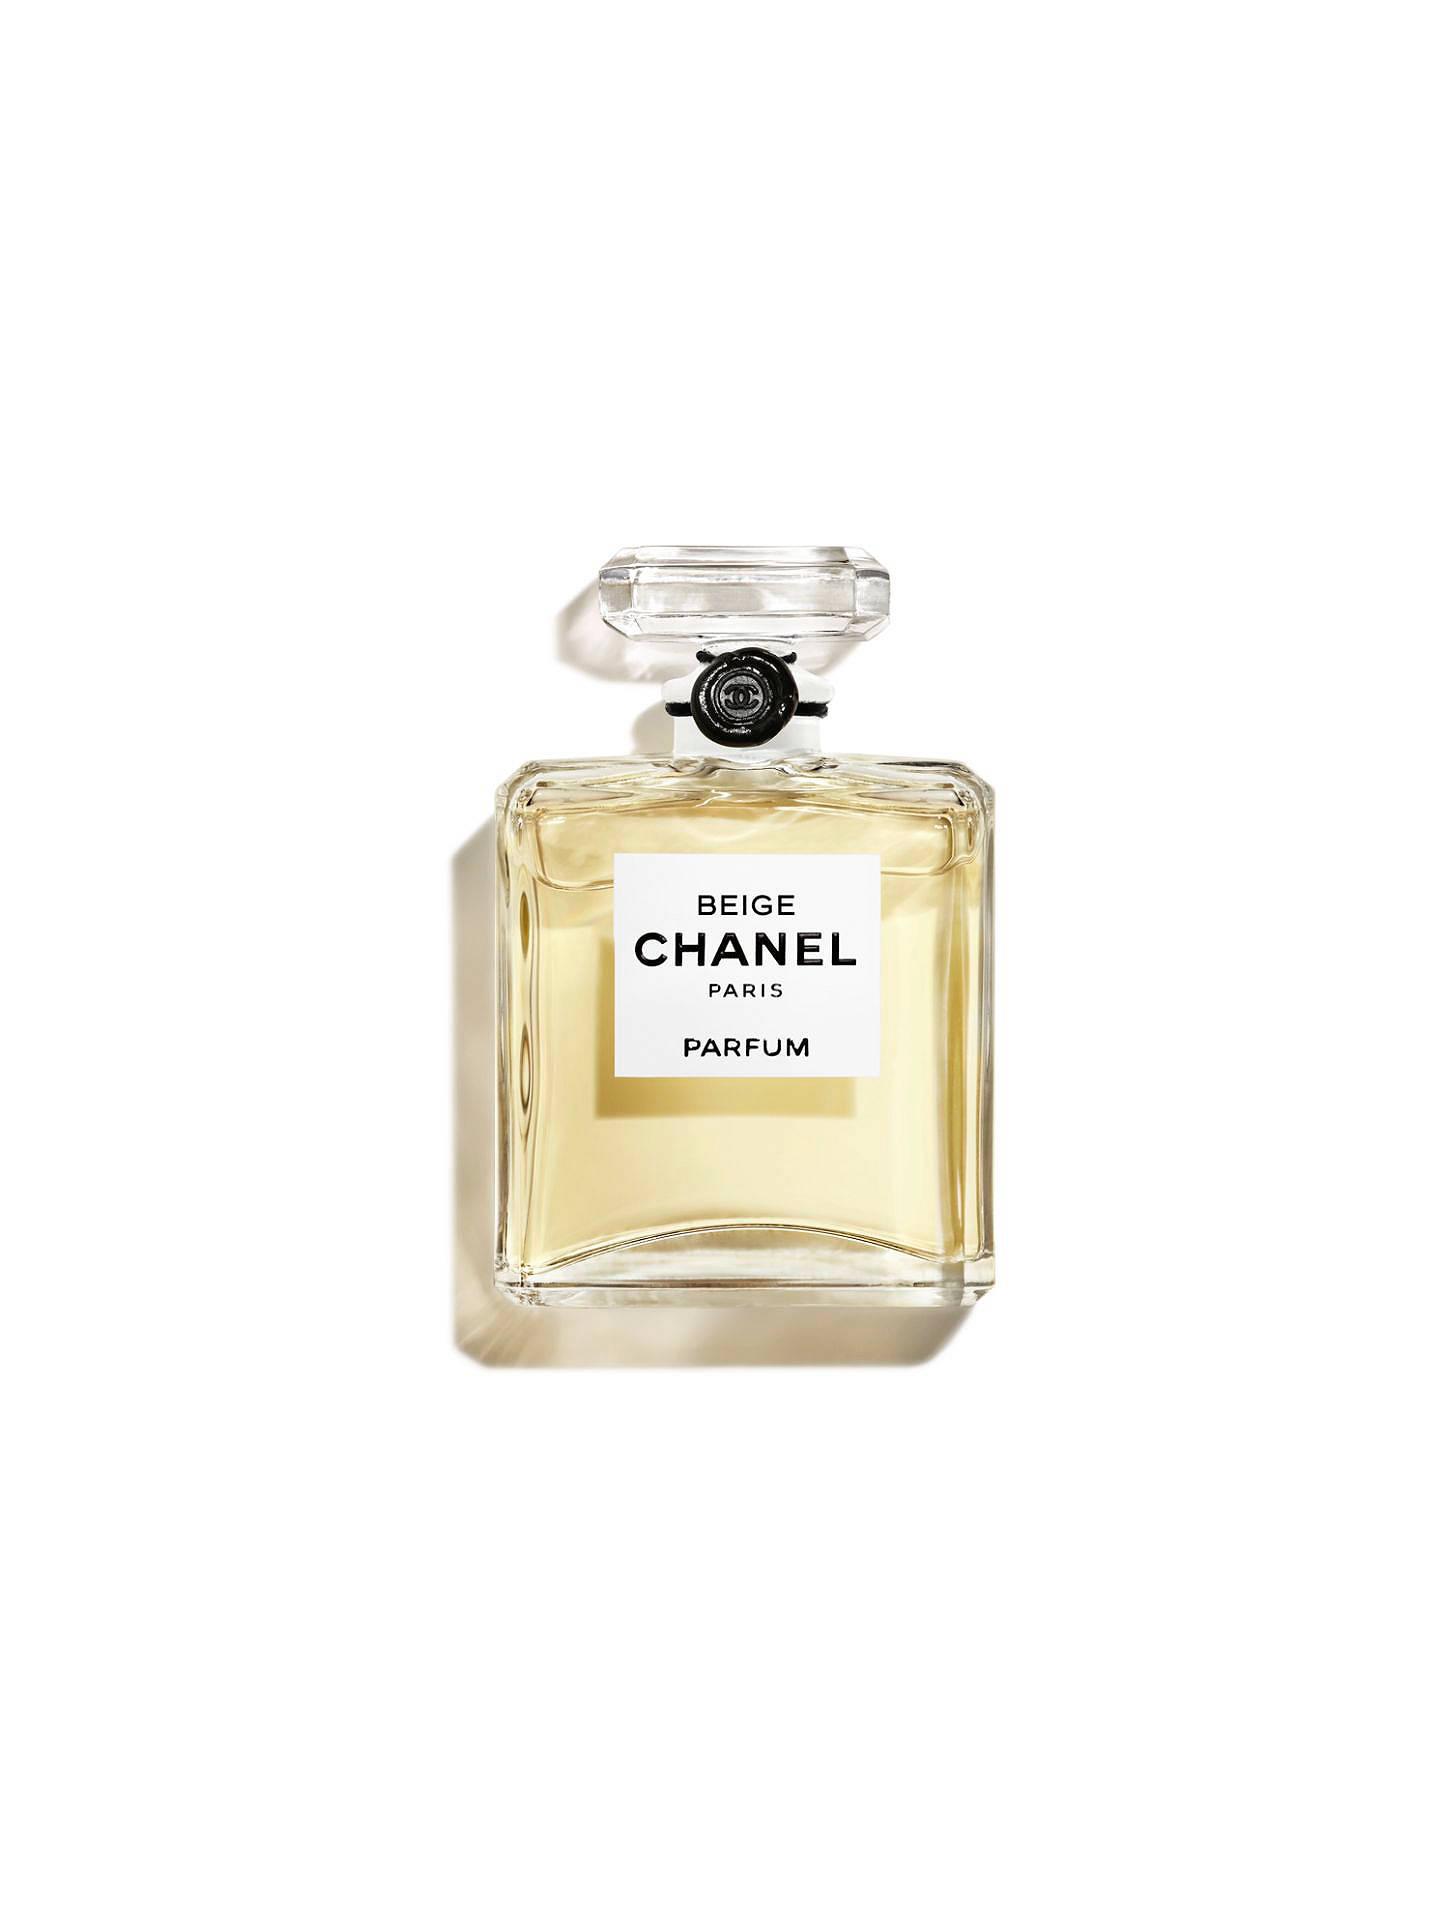 574d0741a2 CHANEL LES EXCLUSIFS DE CHANEL Beige Eau de Parfum